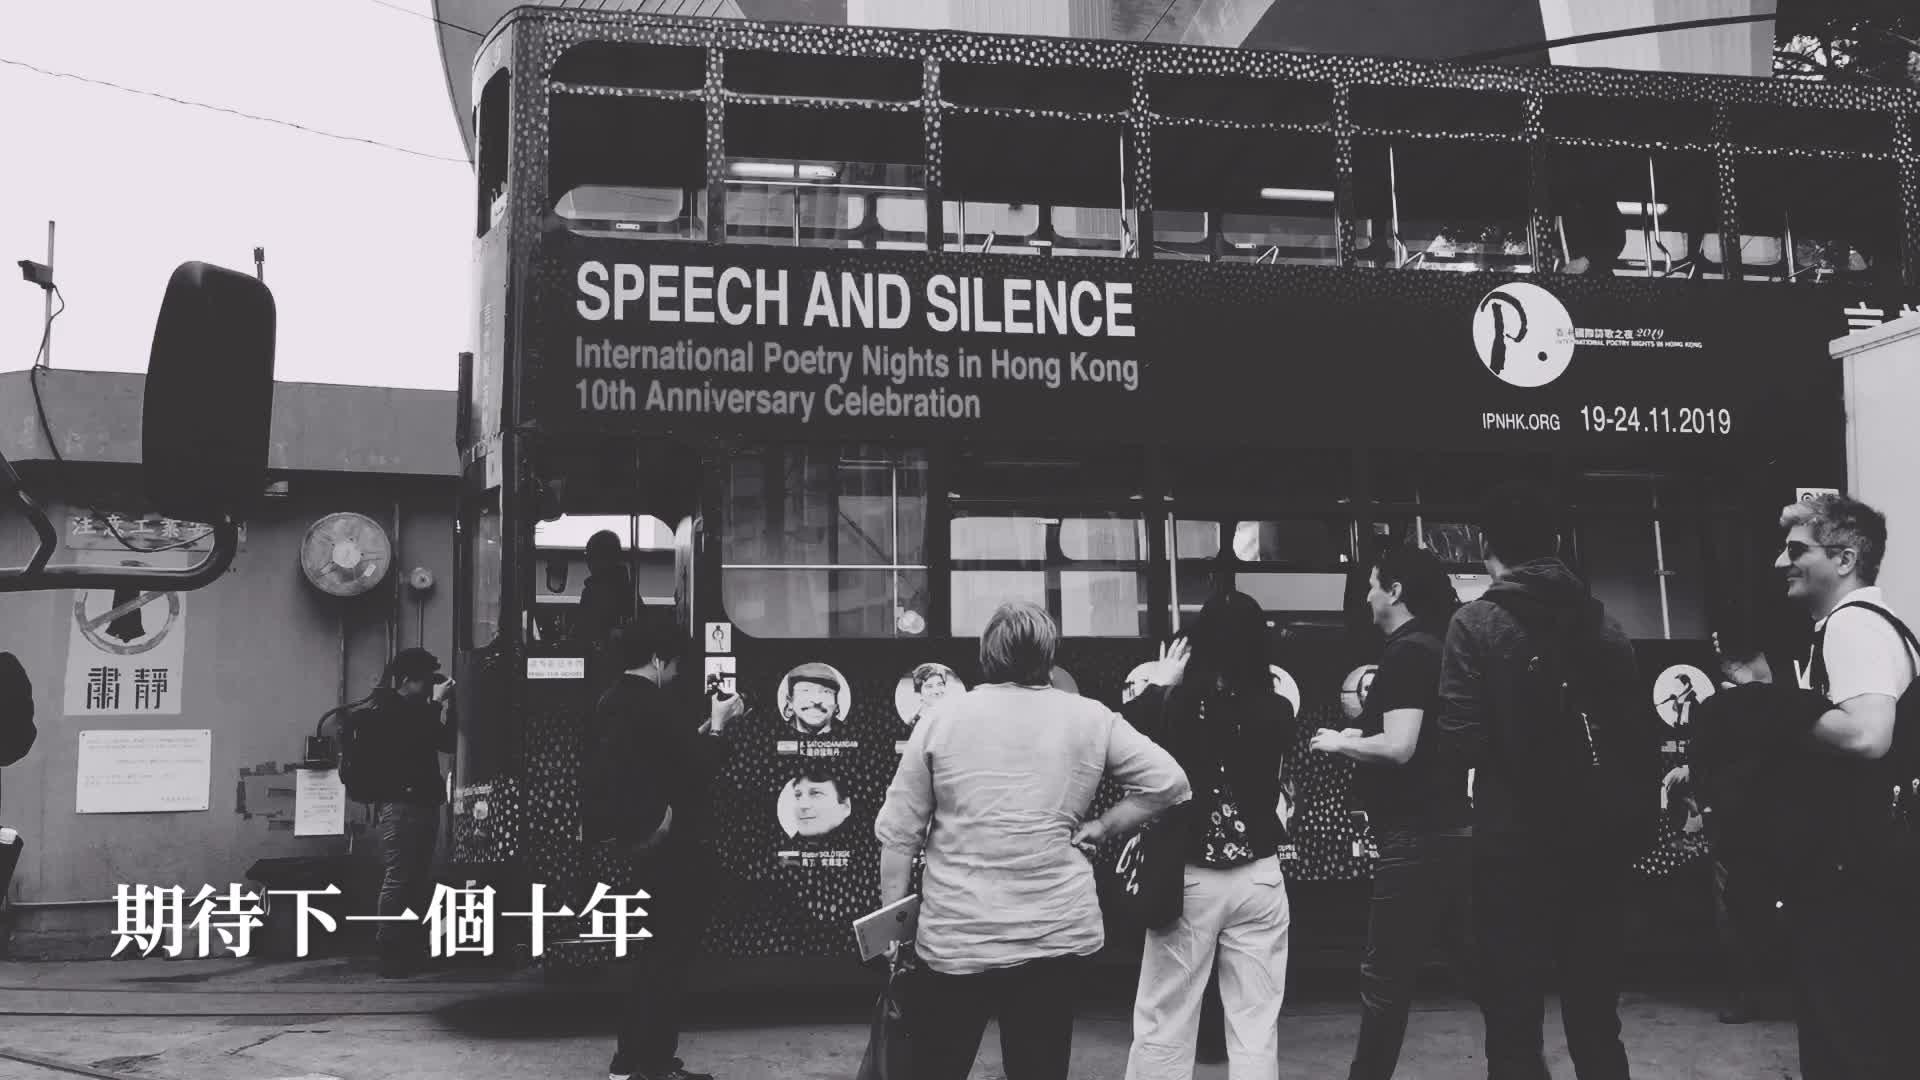 期待下一个十年:2019香港国际诗歌之夜全景回顾